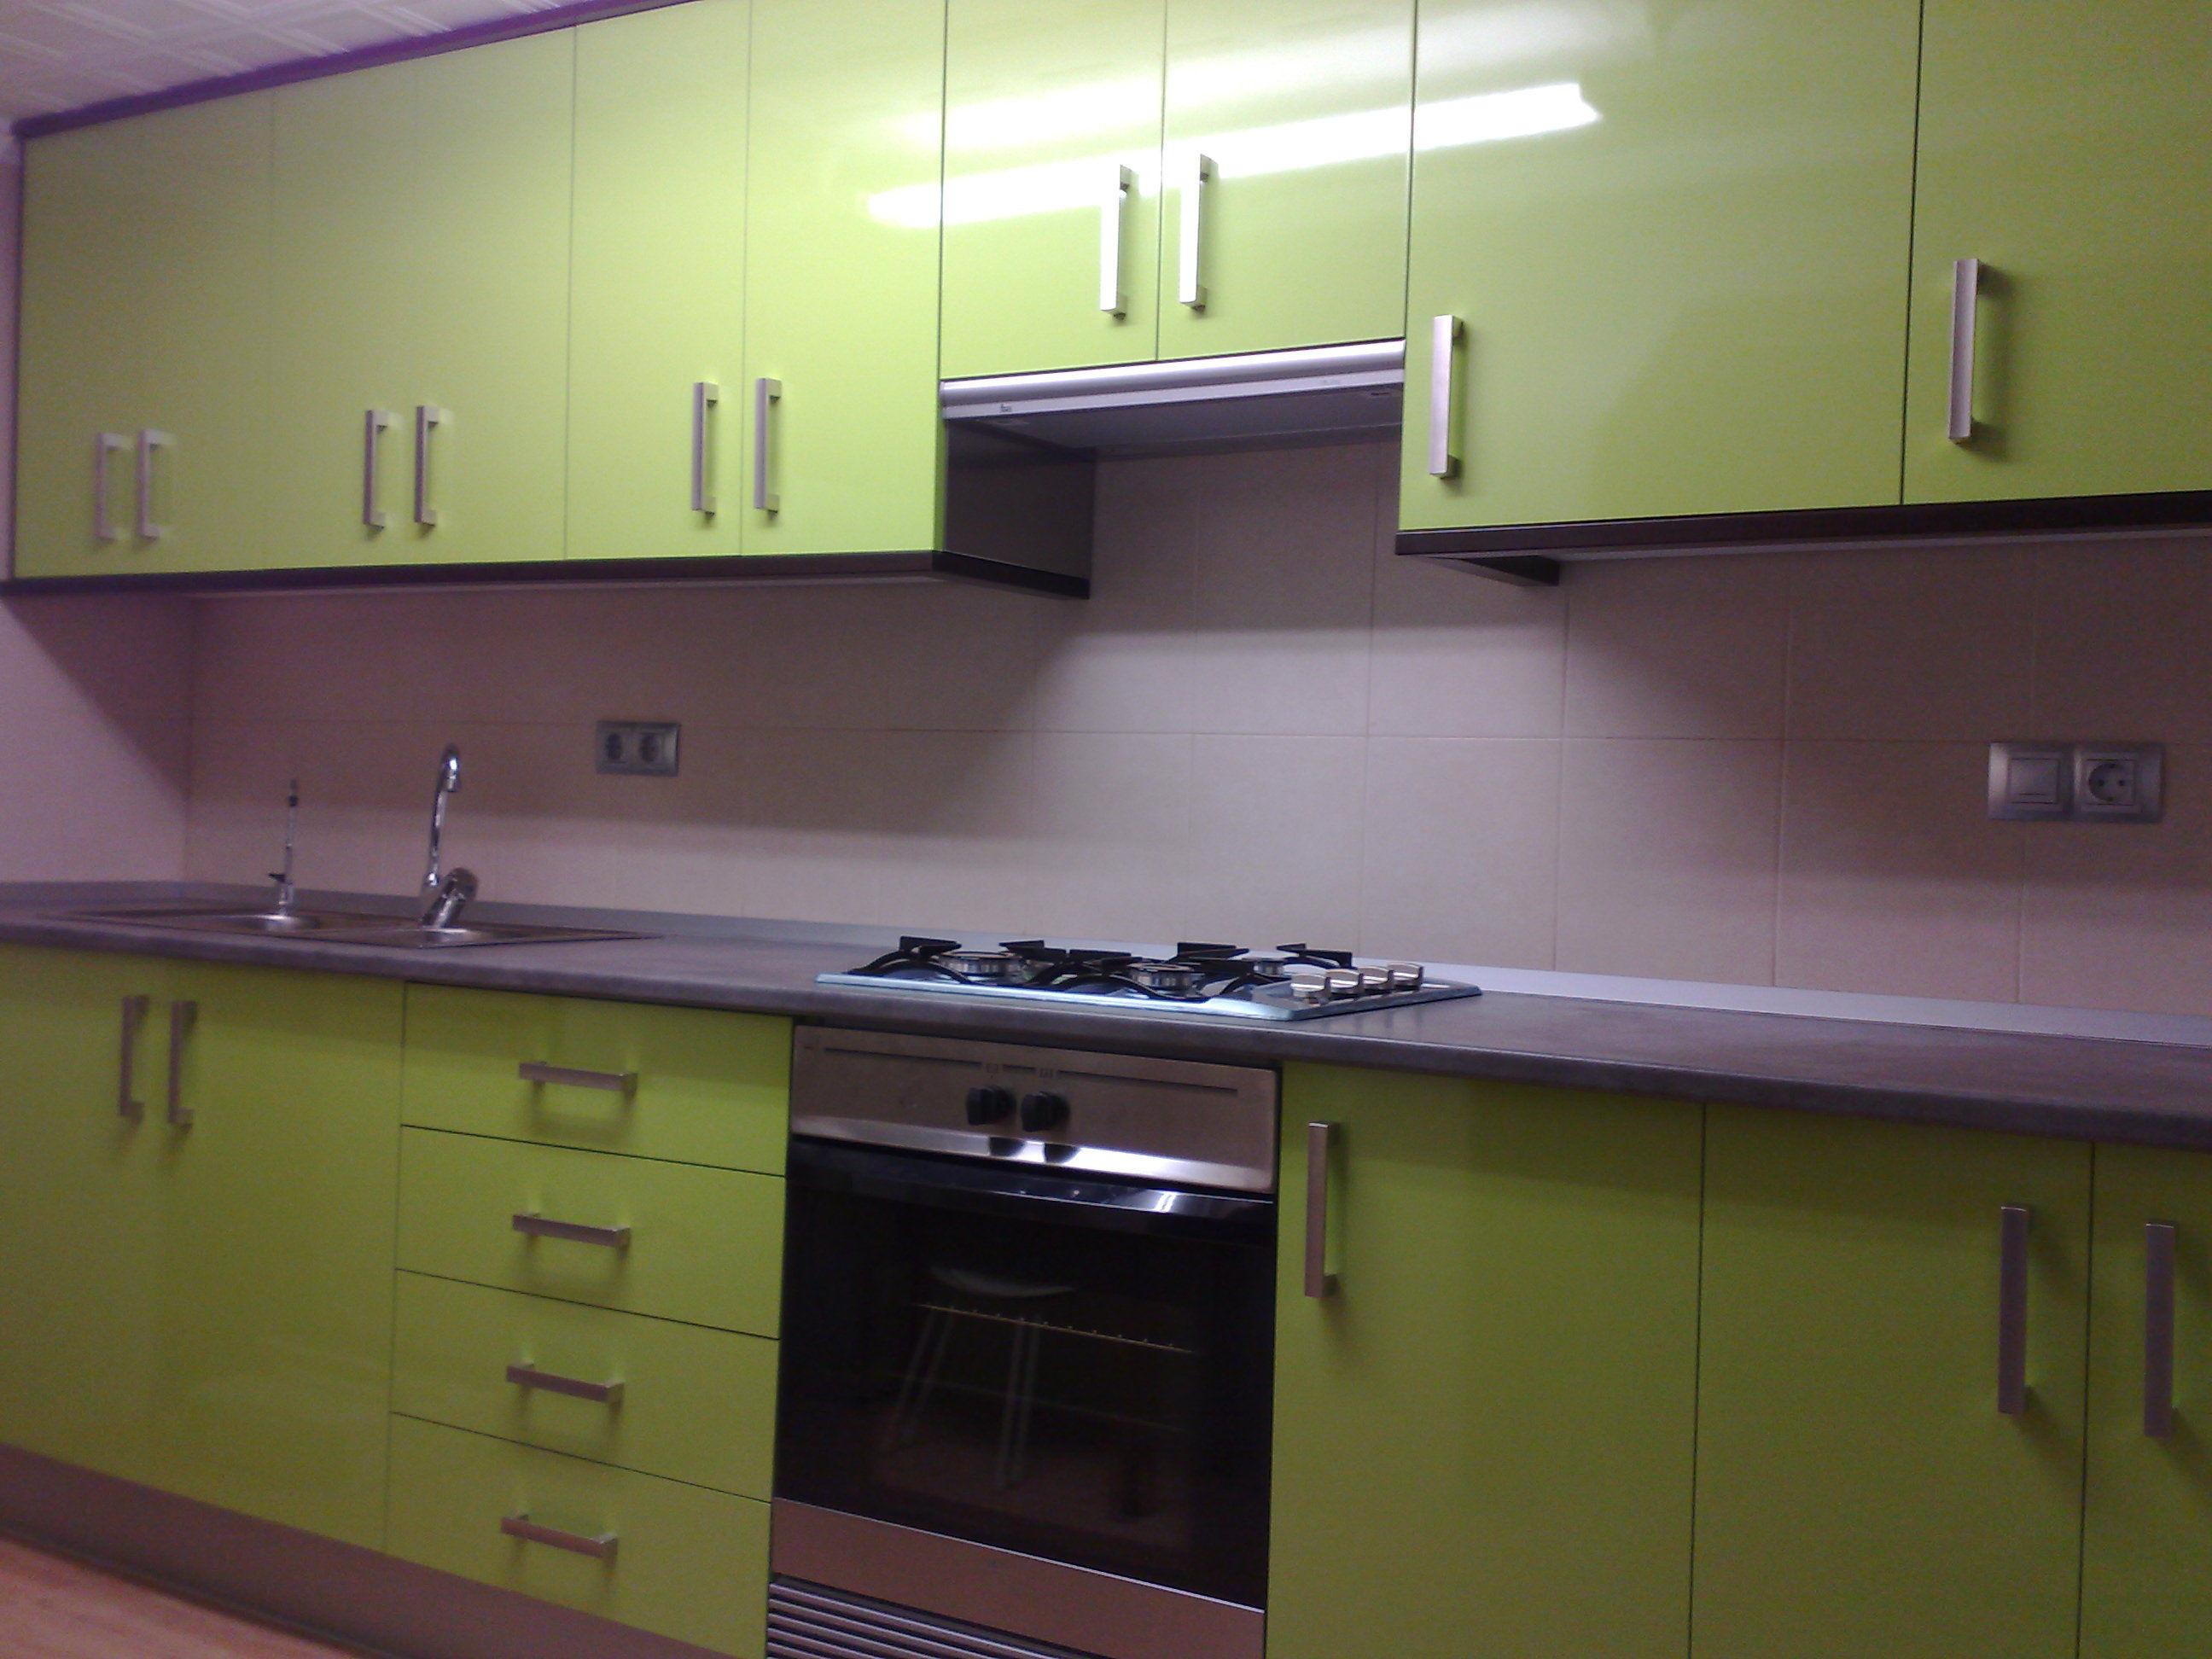 Muebles de cocina bricomart - Muebles de cocina pontevedra ...